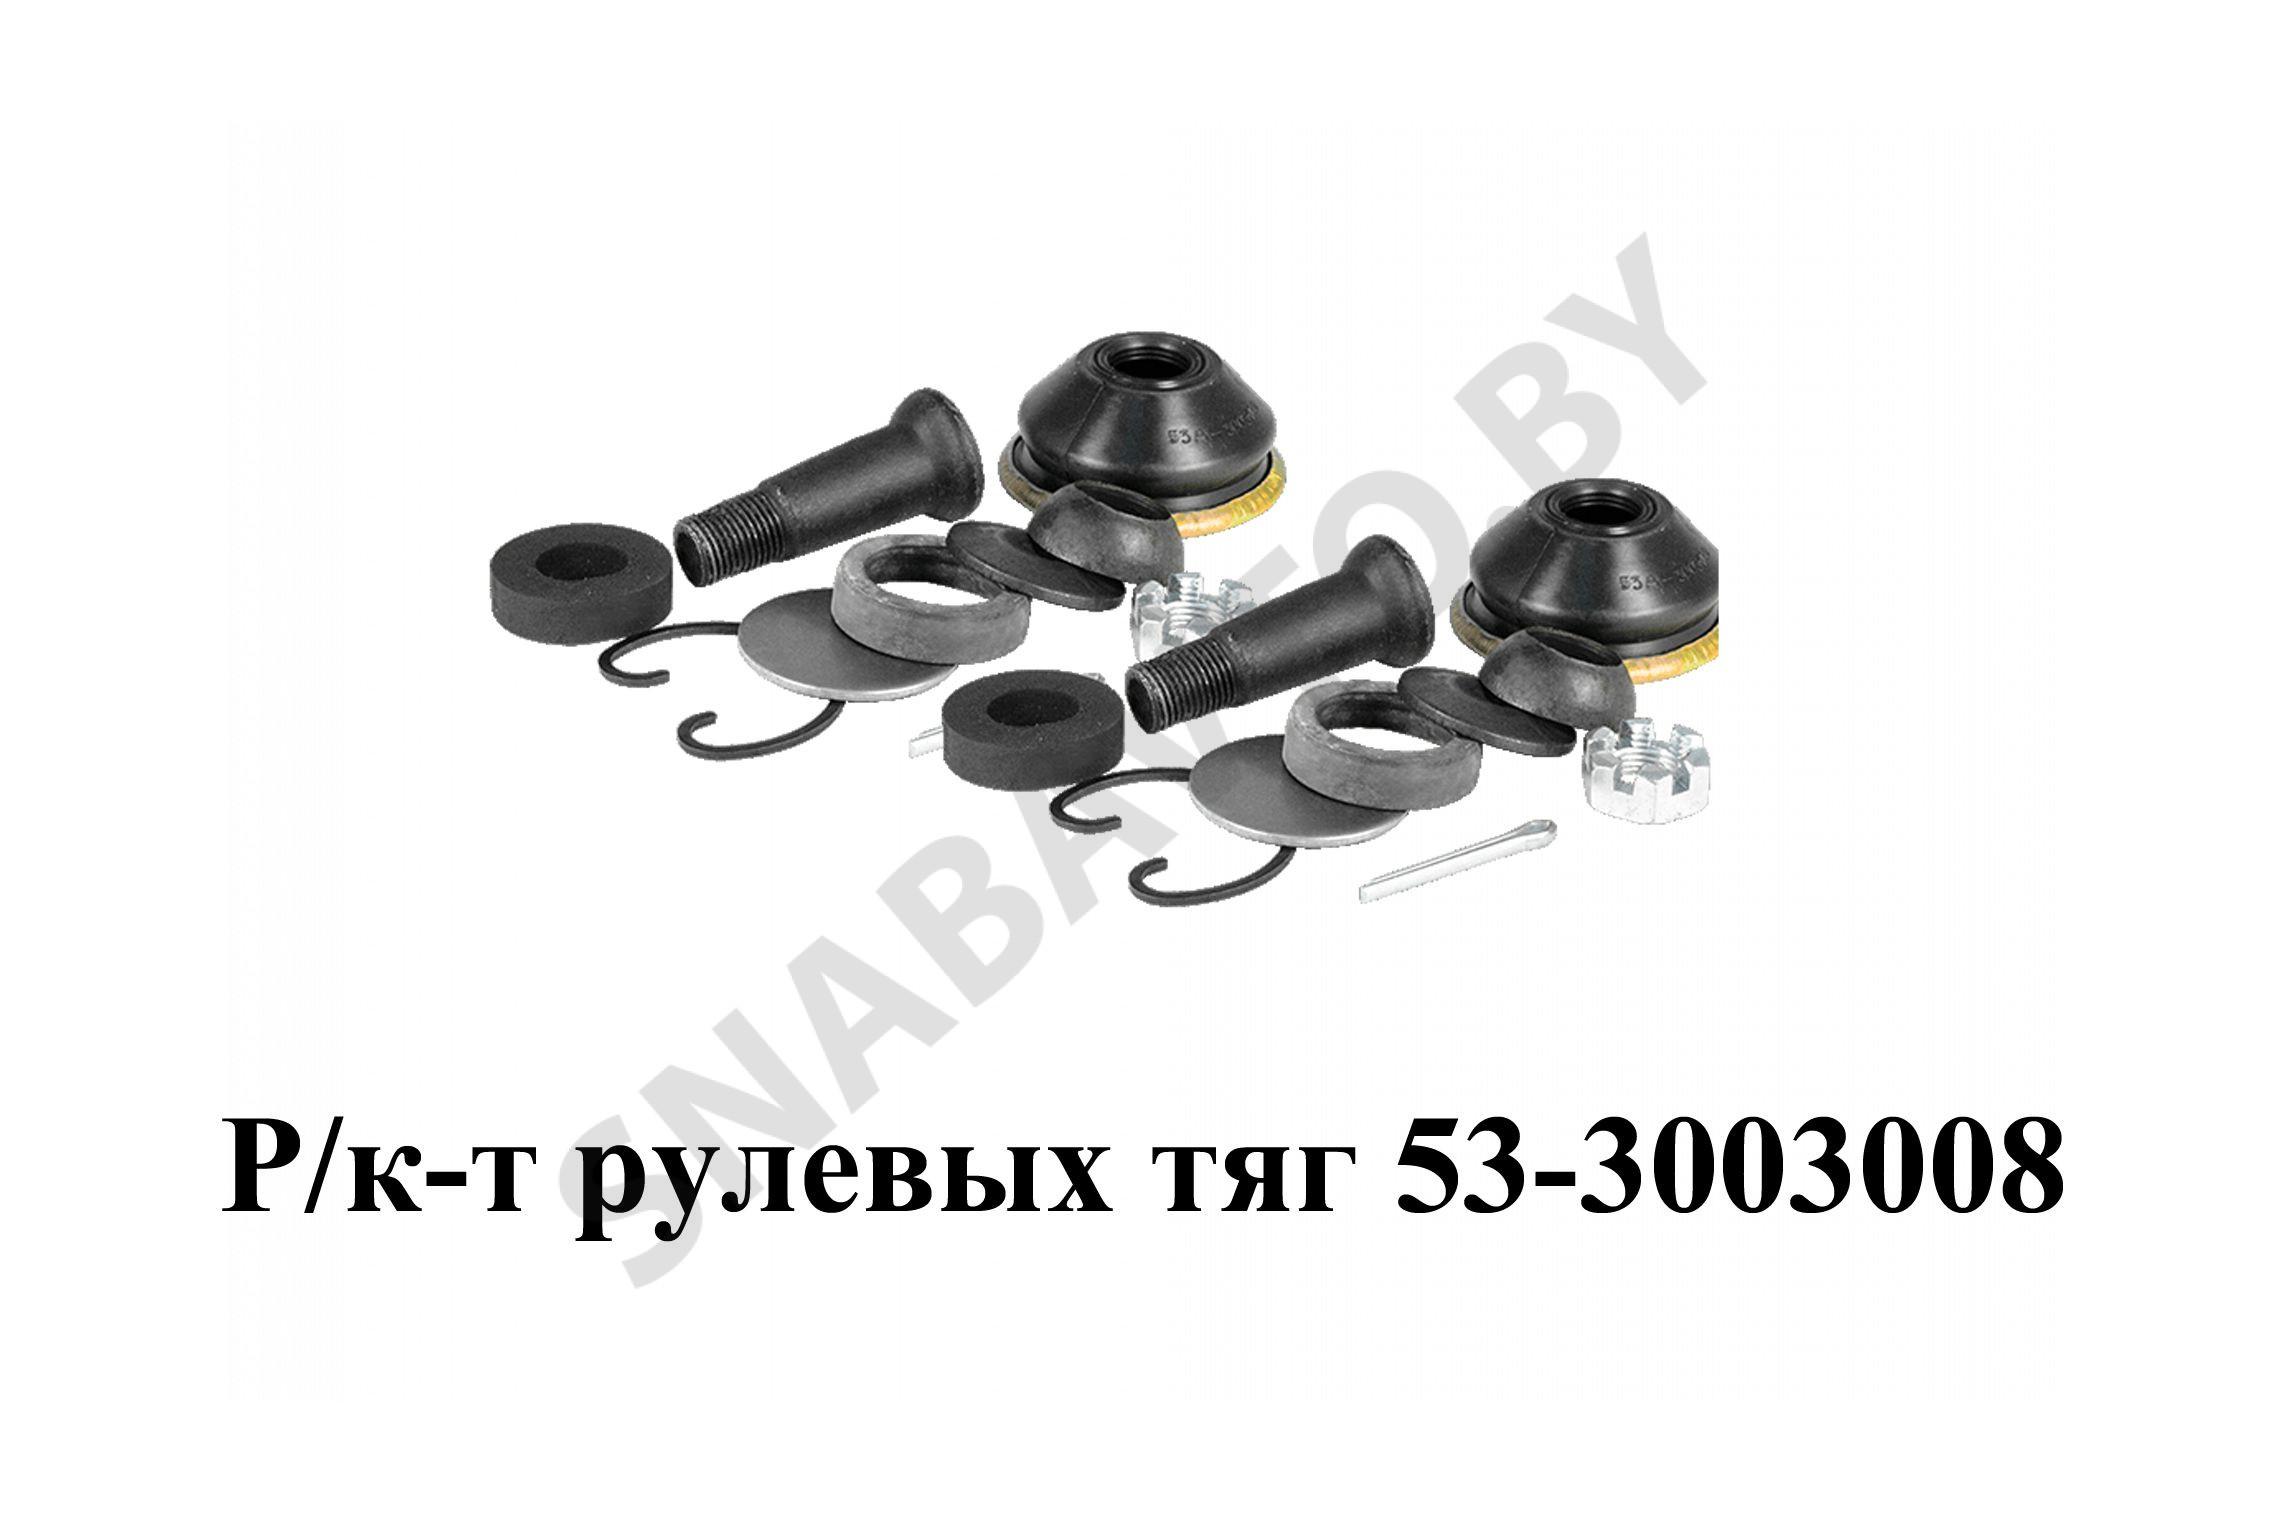 Ремкомплект рулевых тяг (комплект 2 наконечника)